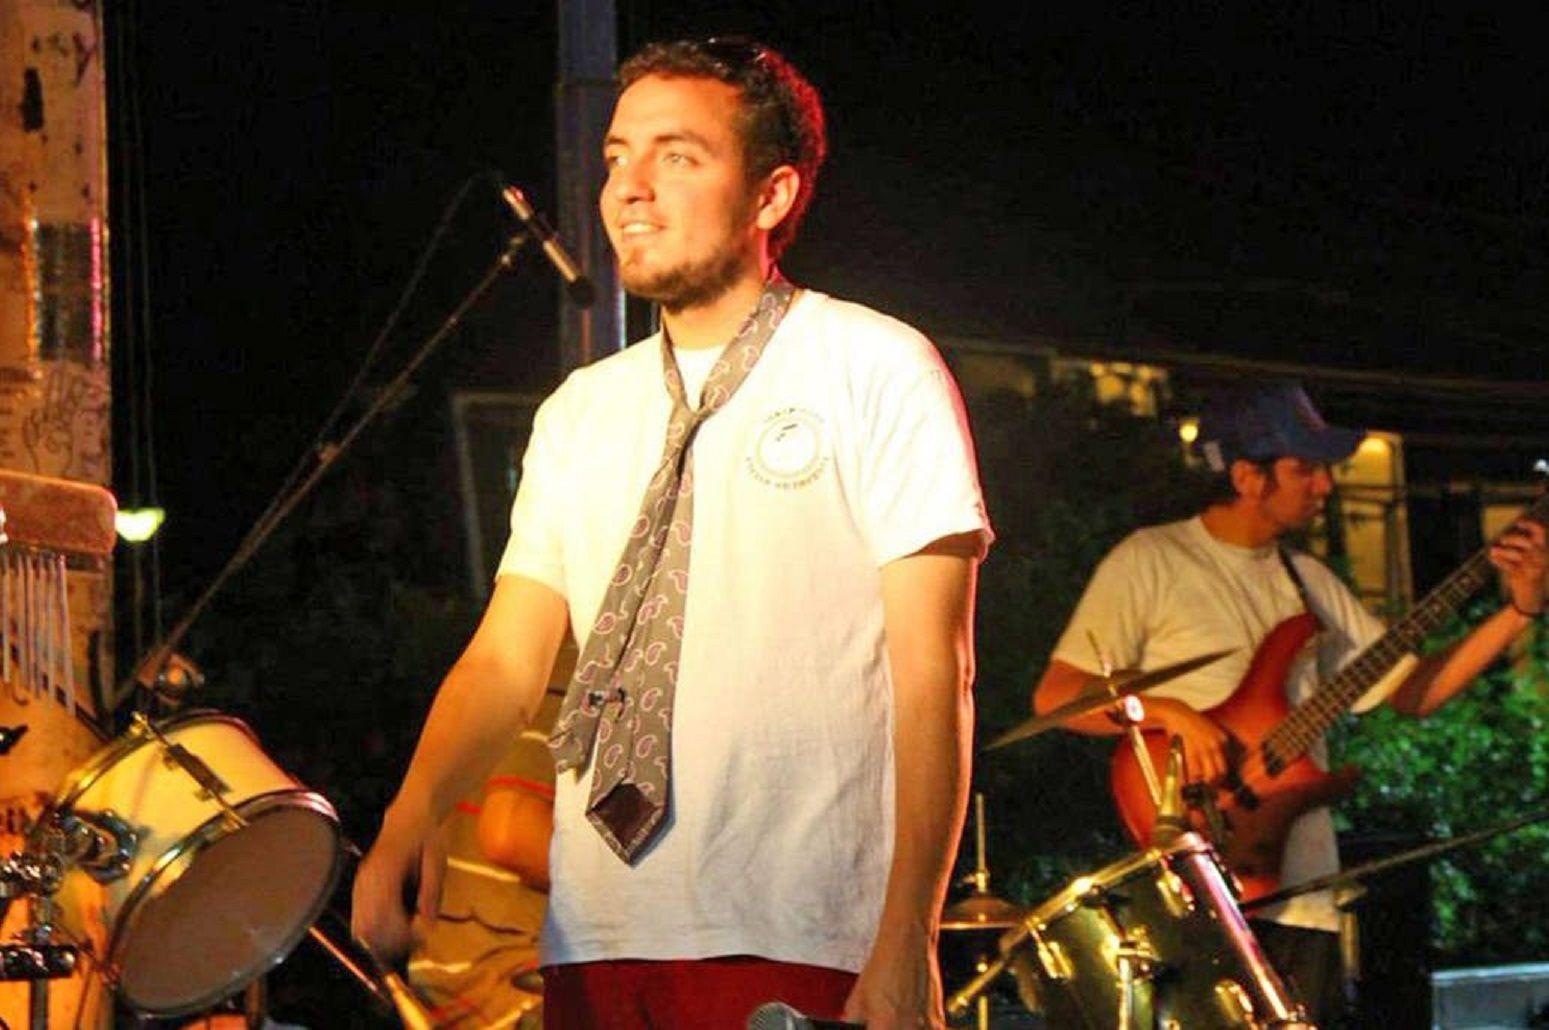 Diego Cagliero murió después de recibir una balazo de la policía en una persecución